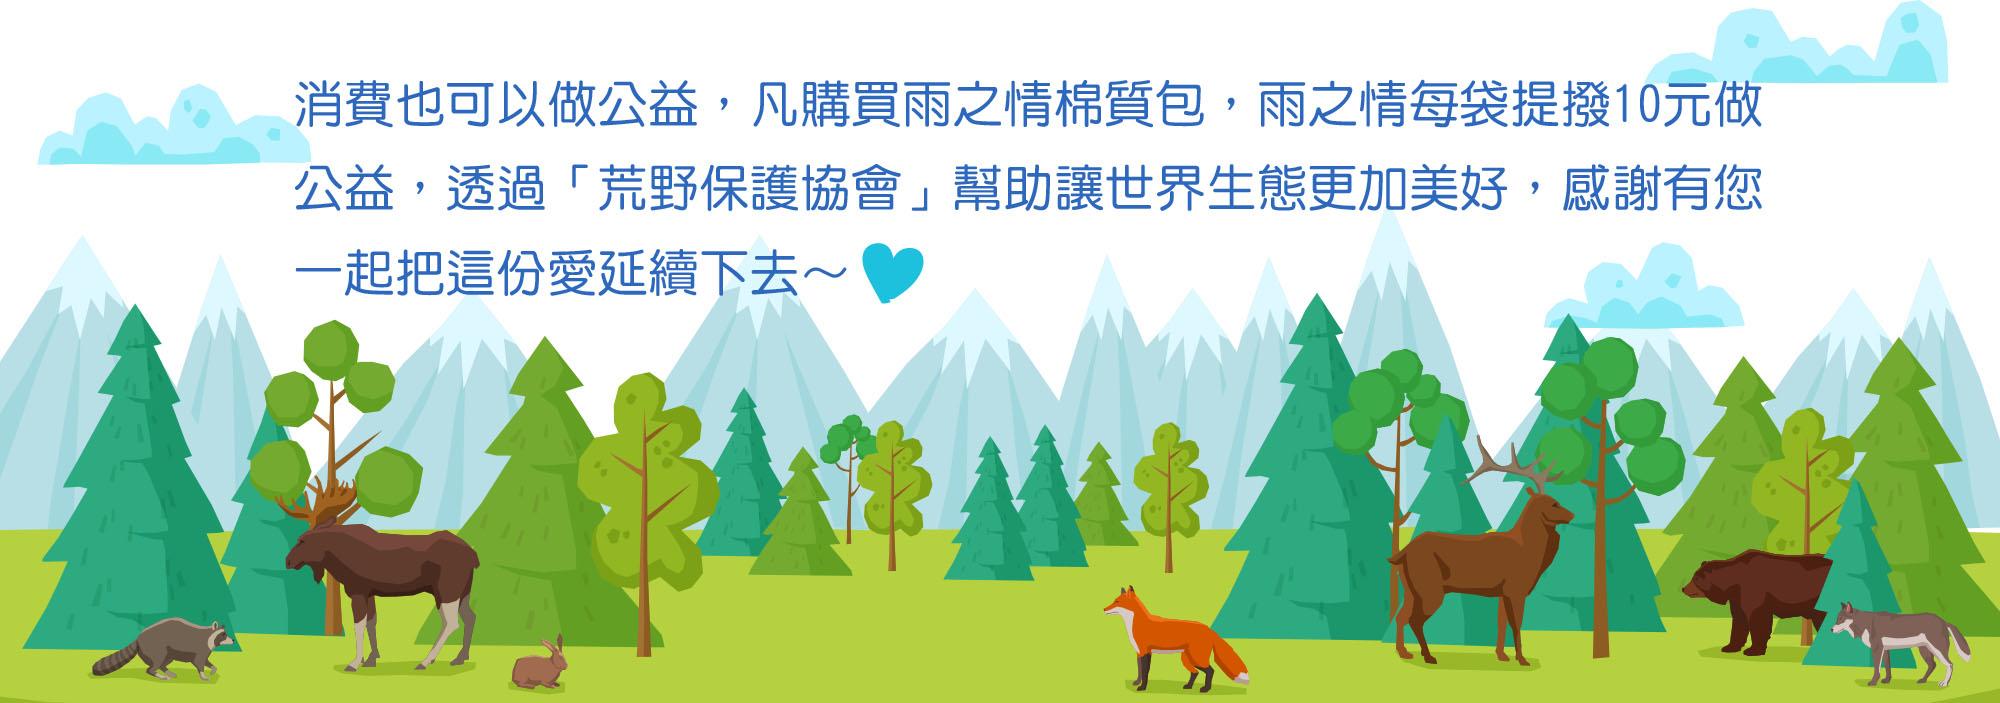 環保,購物袋,節能,減碳,大容量,帆布袋,設計,便當袋,側背袋,斜背袋,雨之情